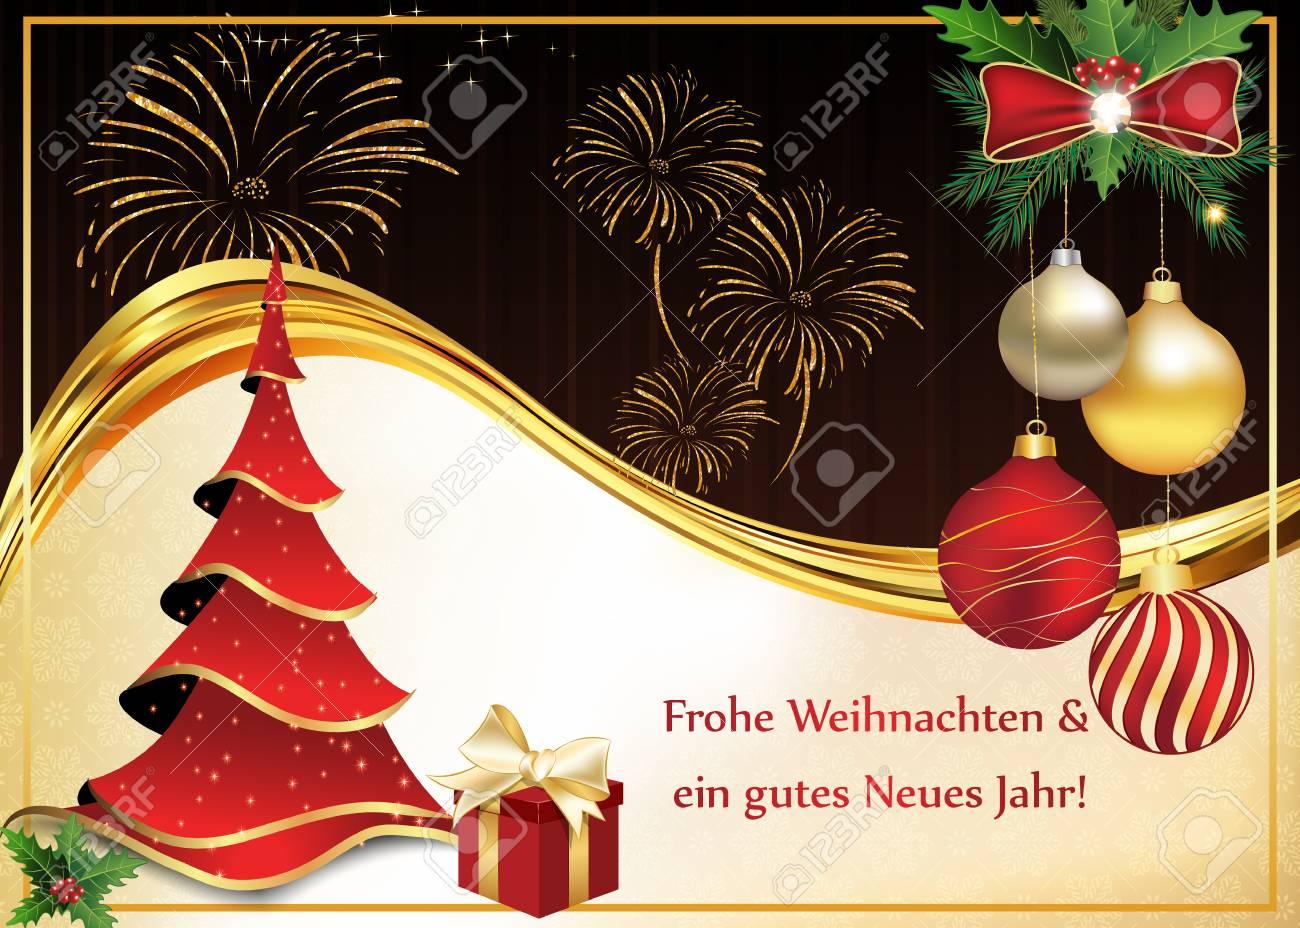 Grußkarte Für Weihnachten Und Neujahr Mit Wünschen In Deutscher ...